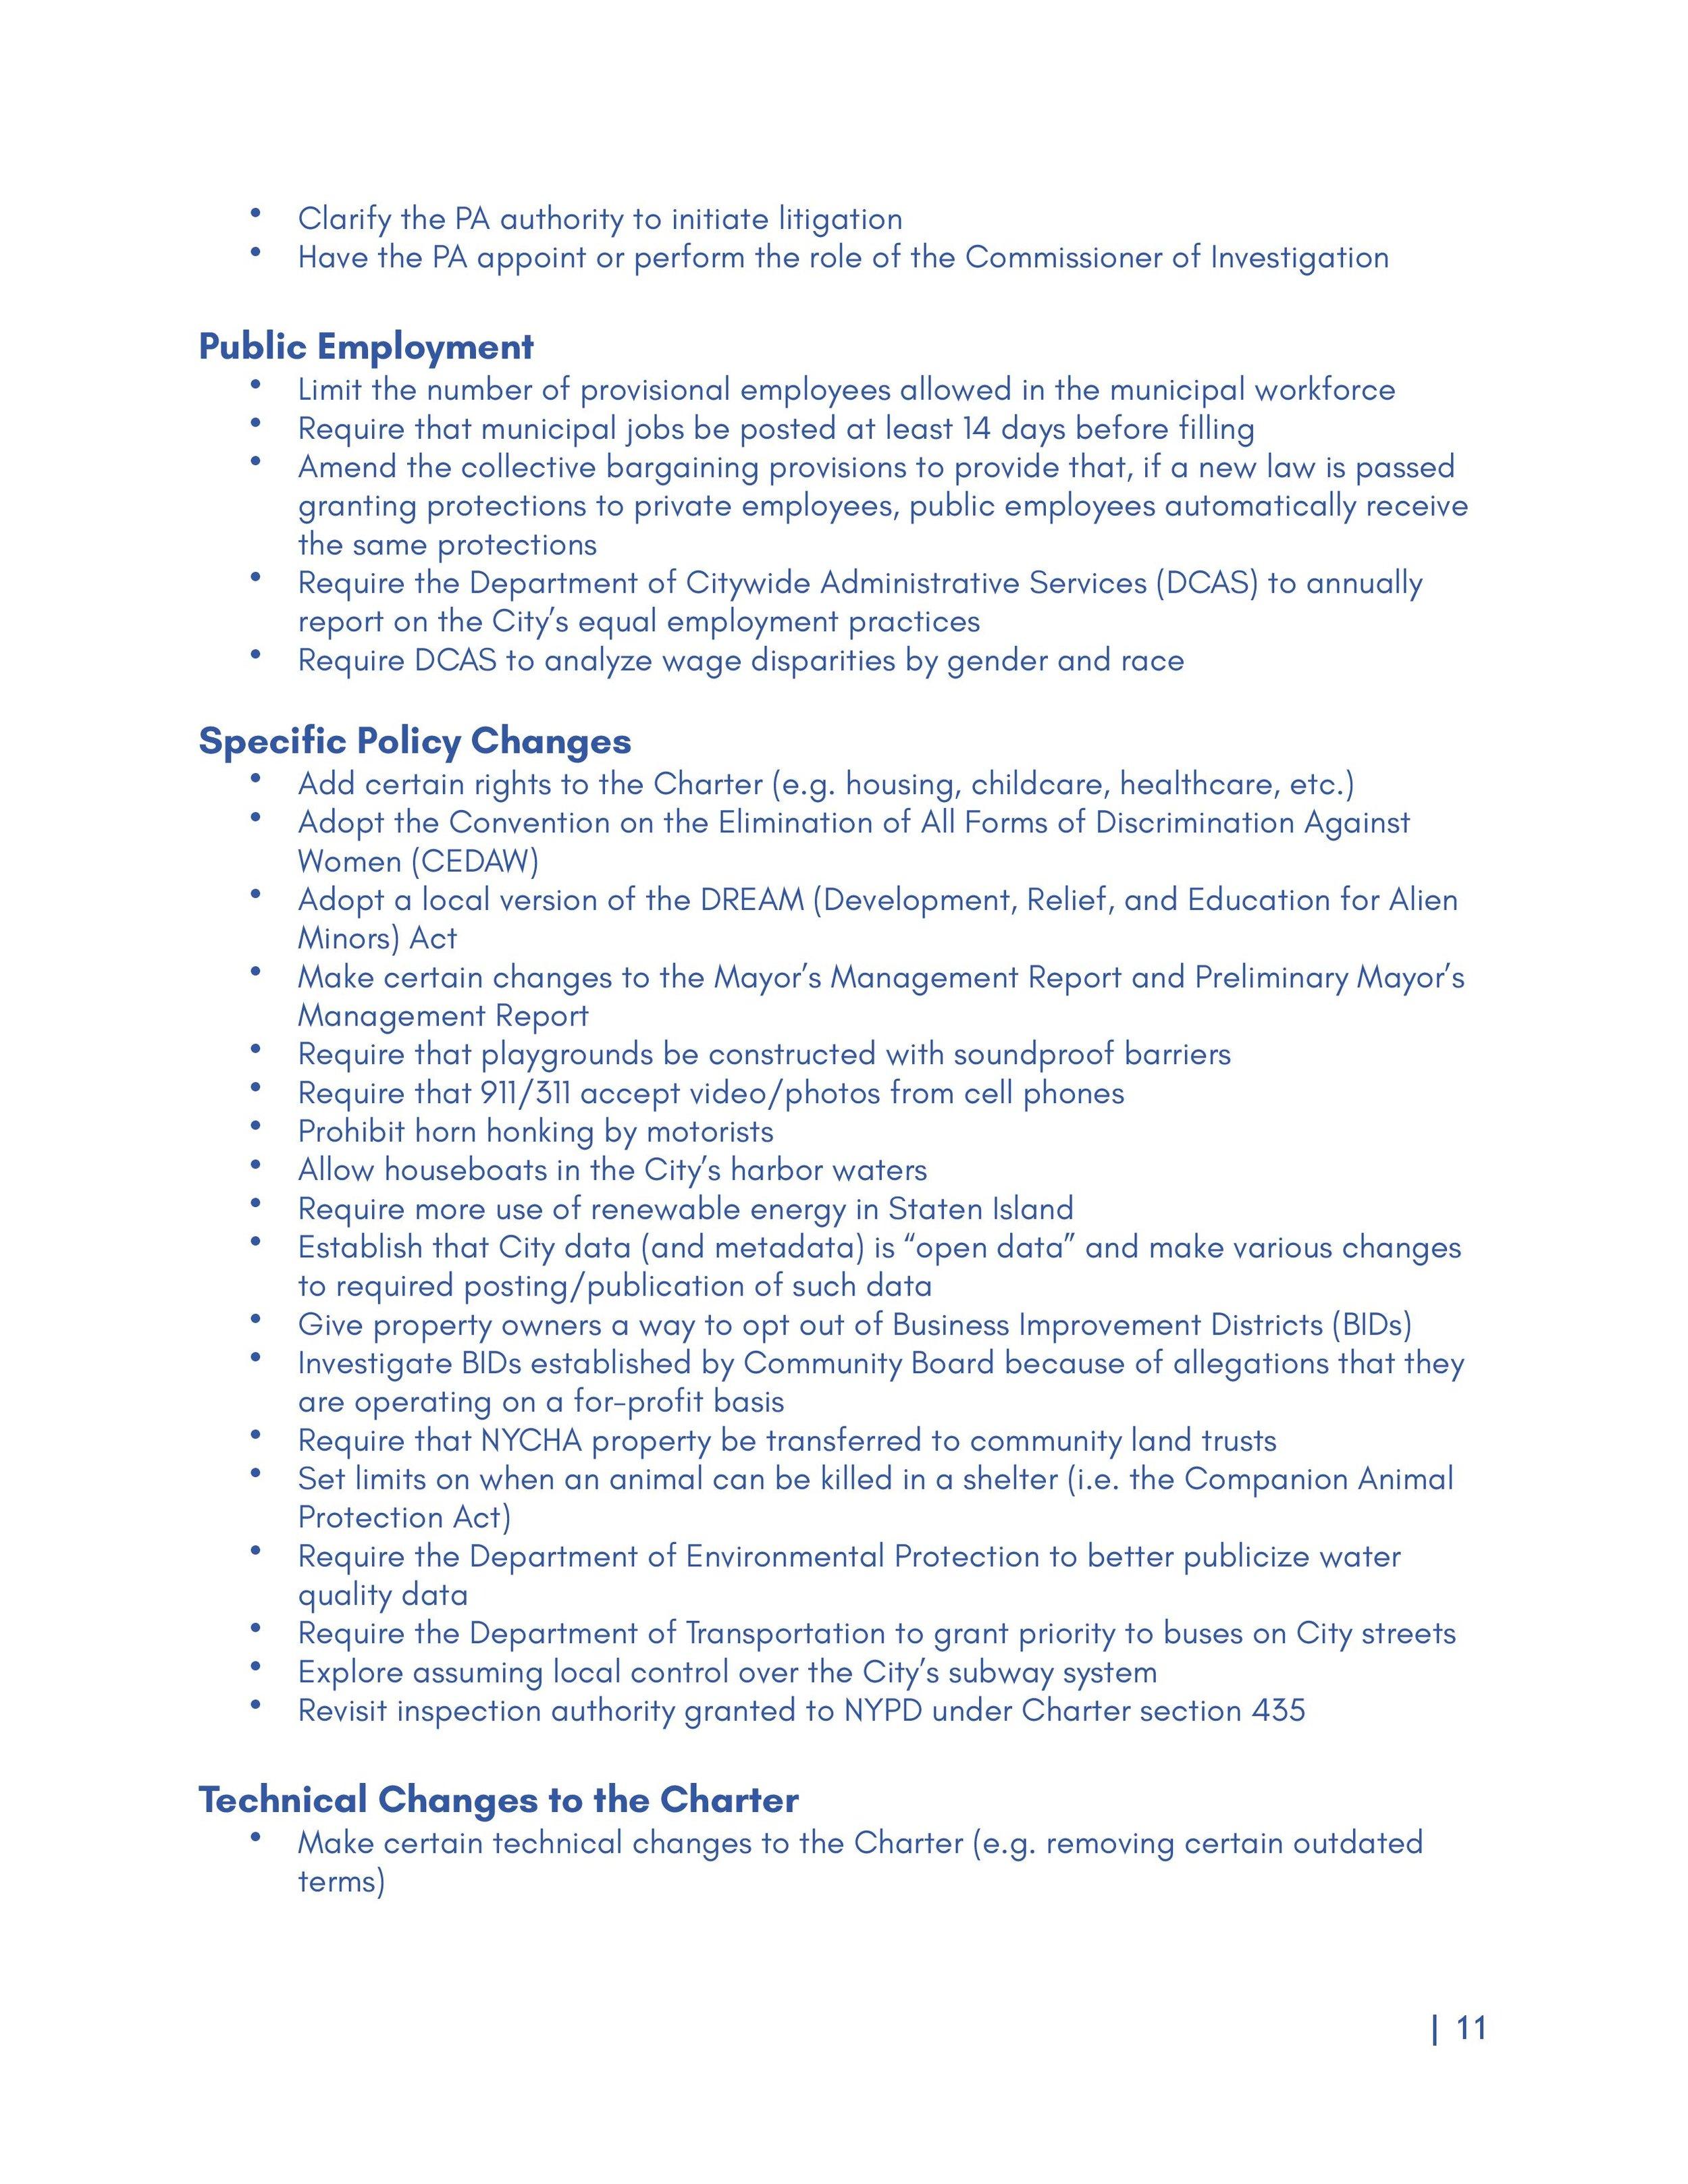 Proposals-page-011.jpg